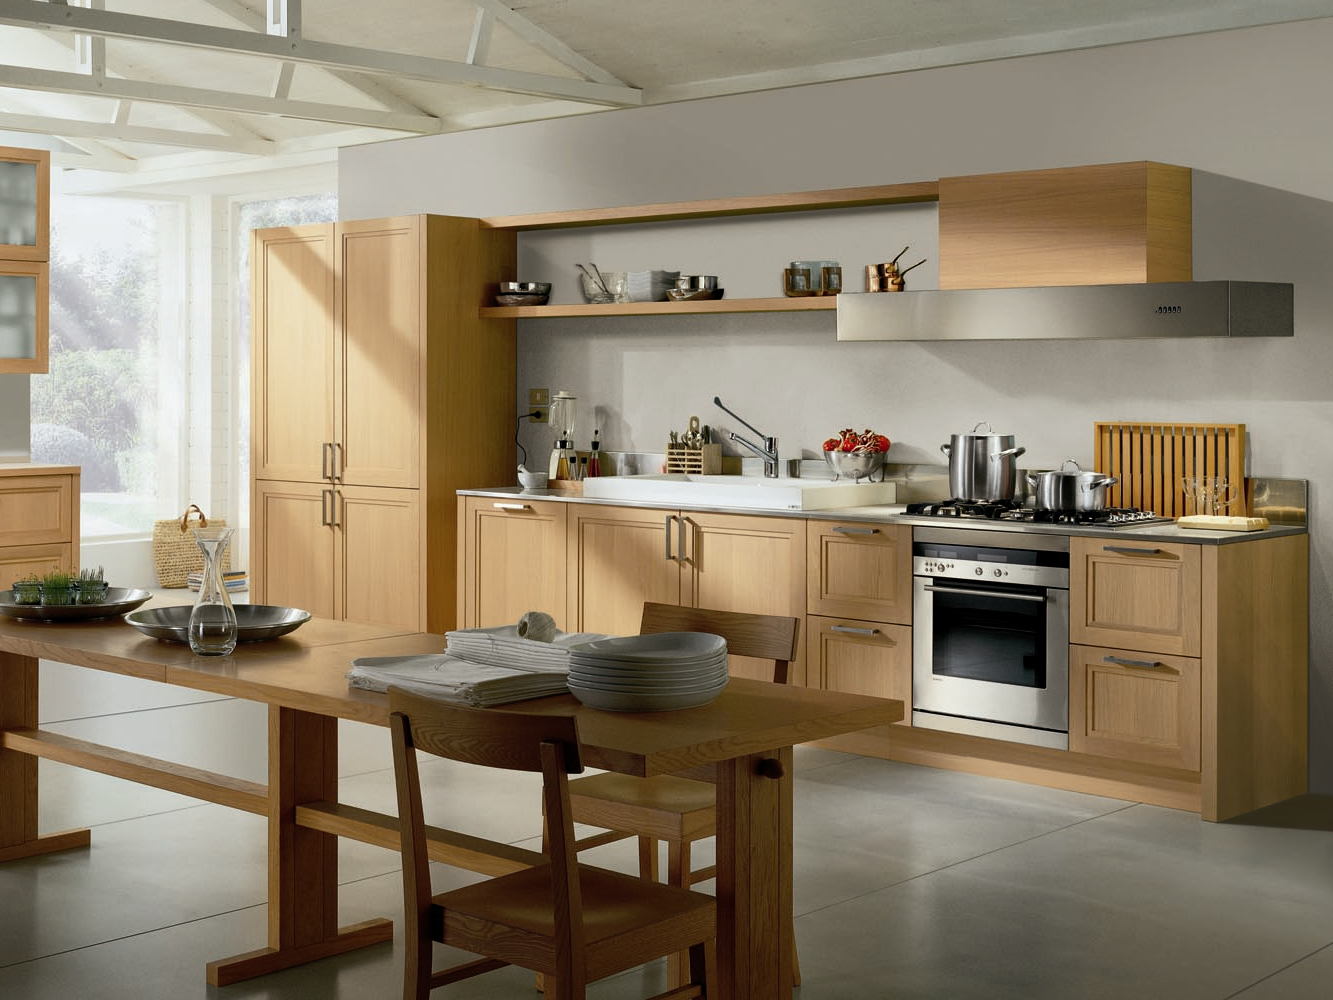 Cucina in laminato con maniglie collezione supr me by - Laminato in cucina ...